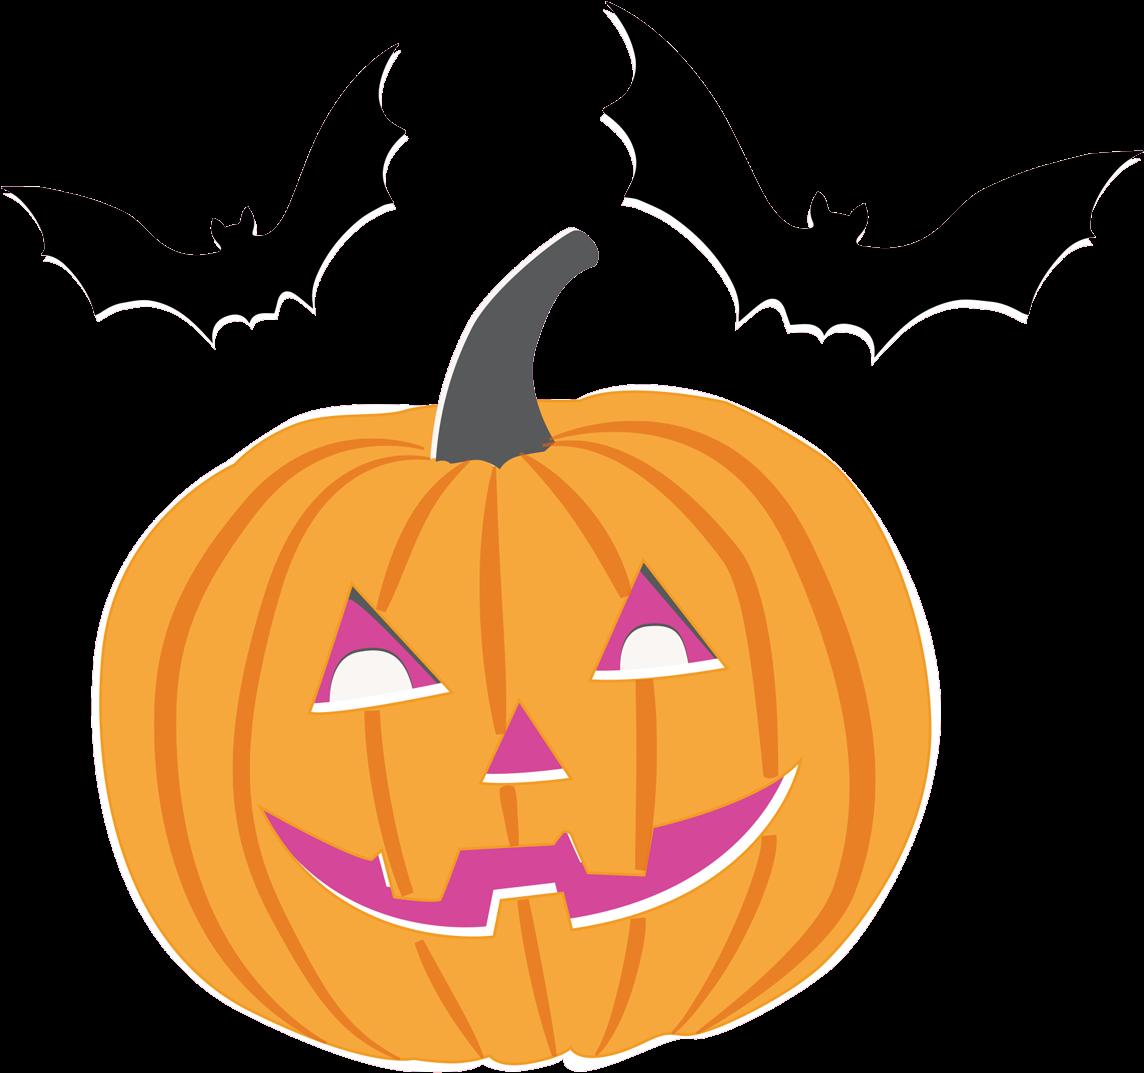 шаблоны картинок на хэллоуин фото секрет, что многие